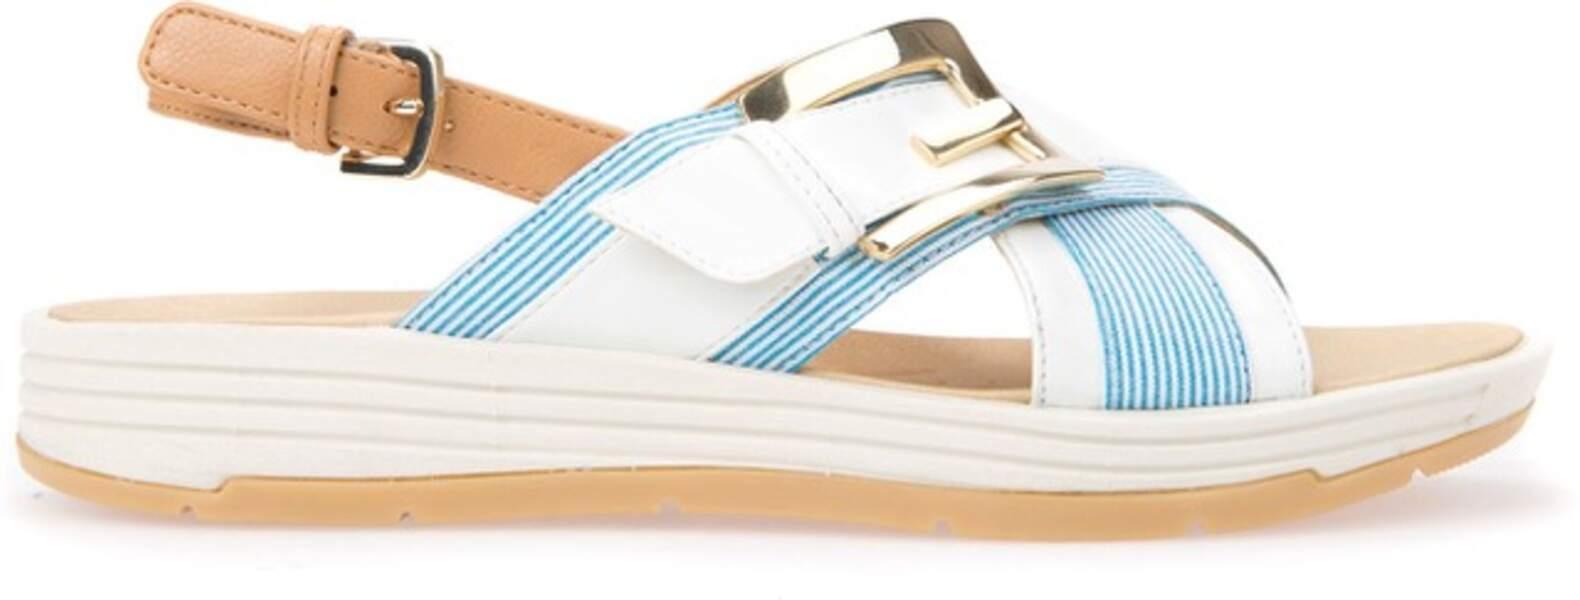 Azur, sandales compensées Geox, 95 € (geox.com)